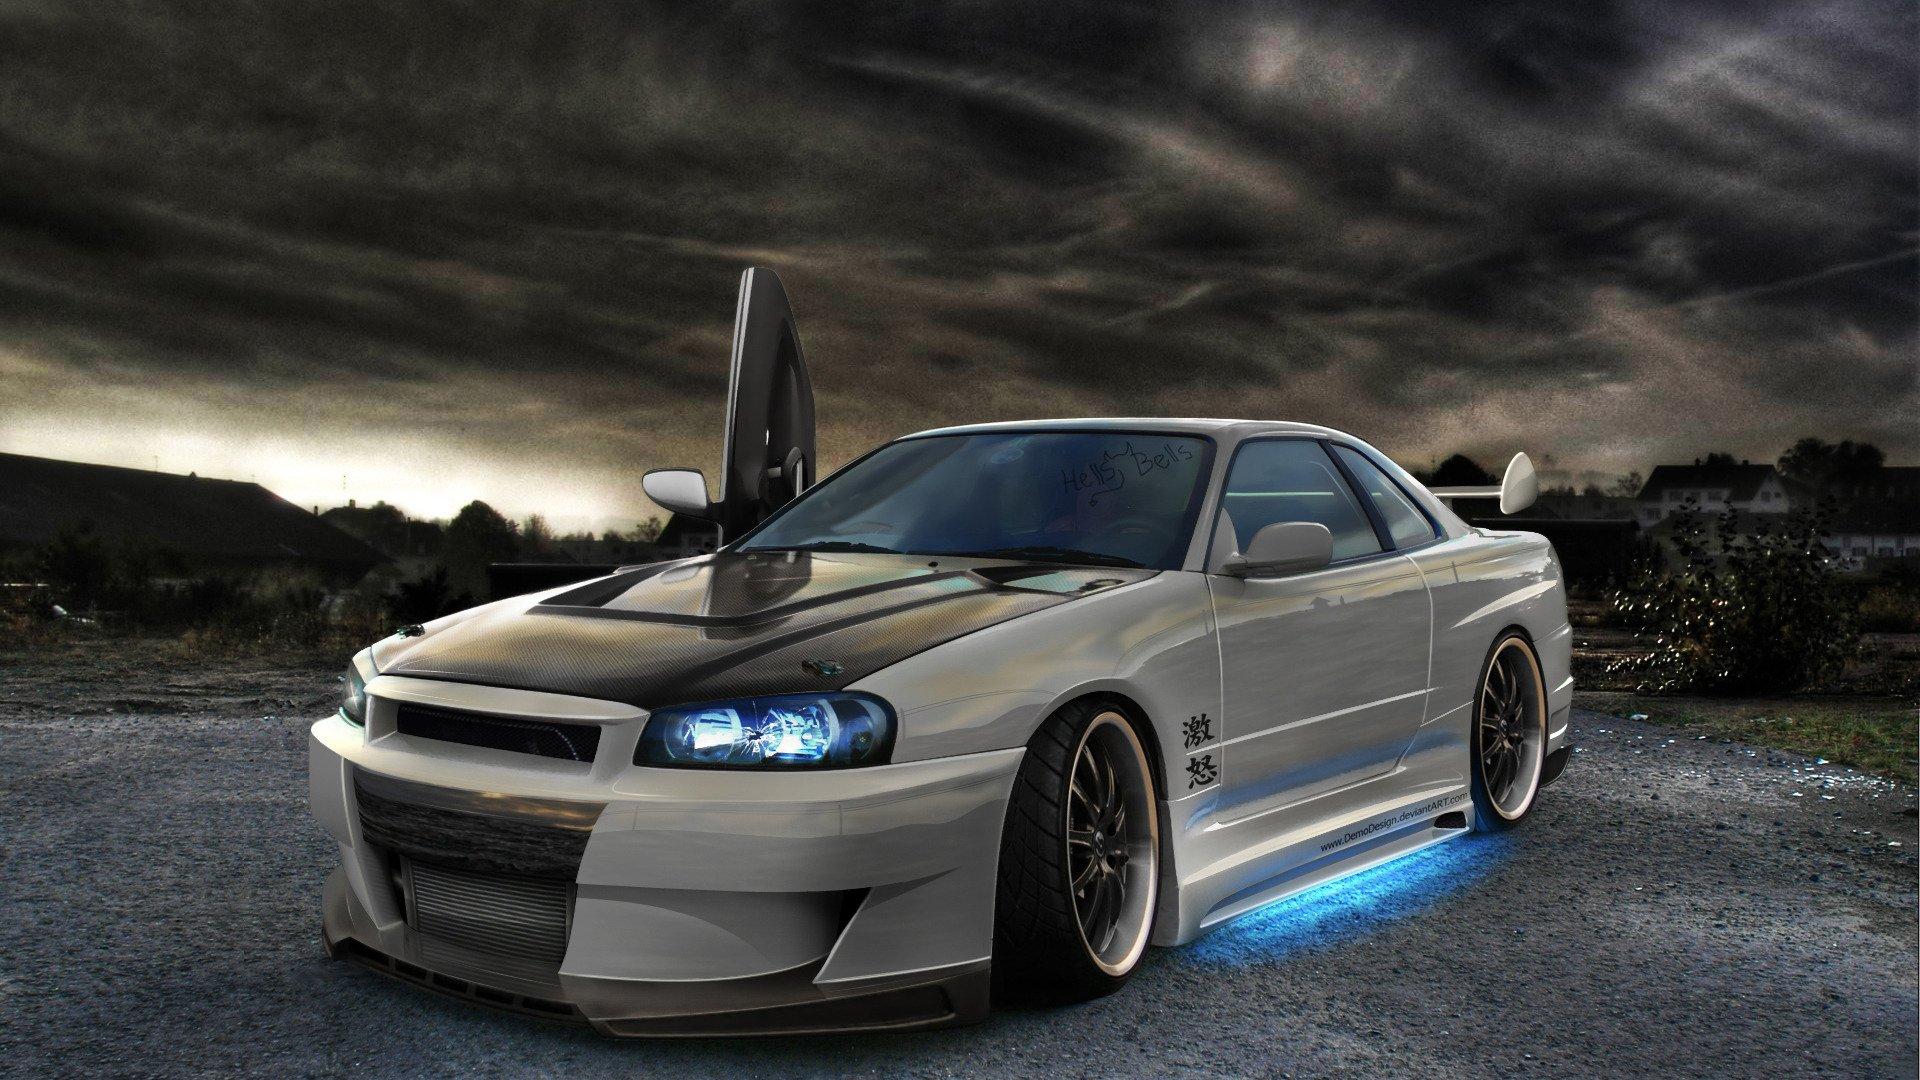 Nissan Skyline GTR R34 tuning wallpaper 1920x1080 438455 1920x1080